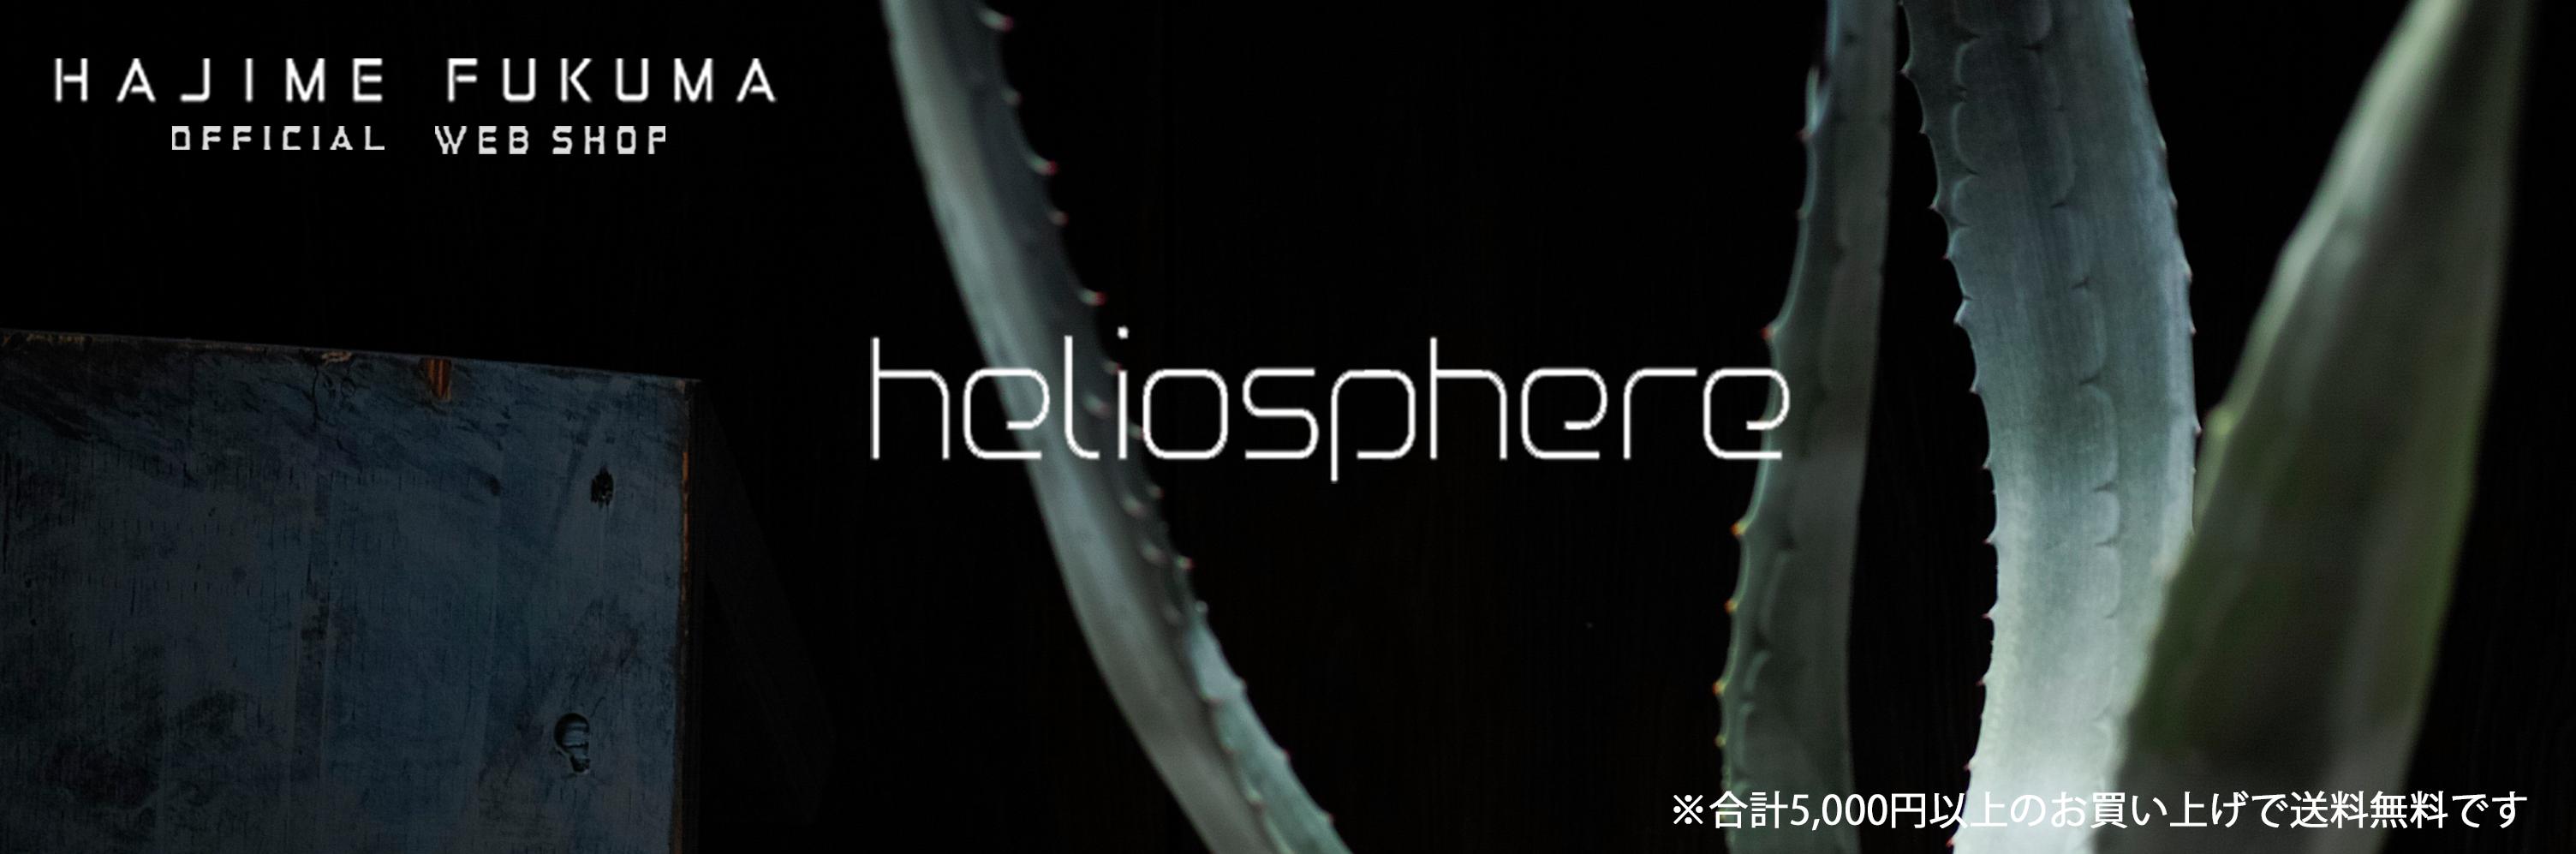 福間創オフィシャルウェブショップ『heliosphere』※5,000円以上のお買い上げで送料無料です。